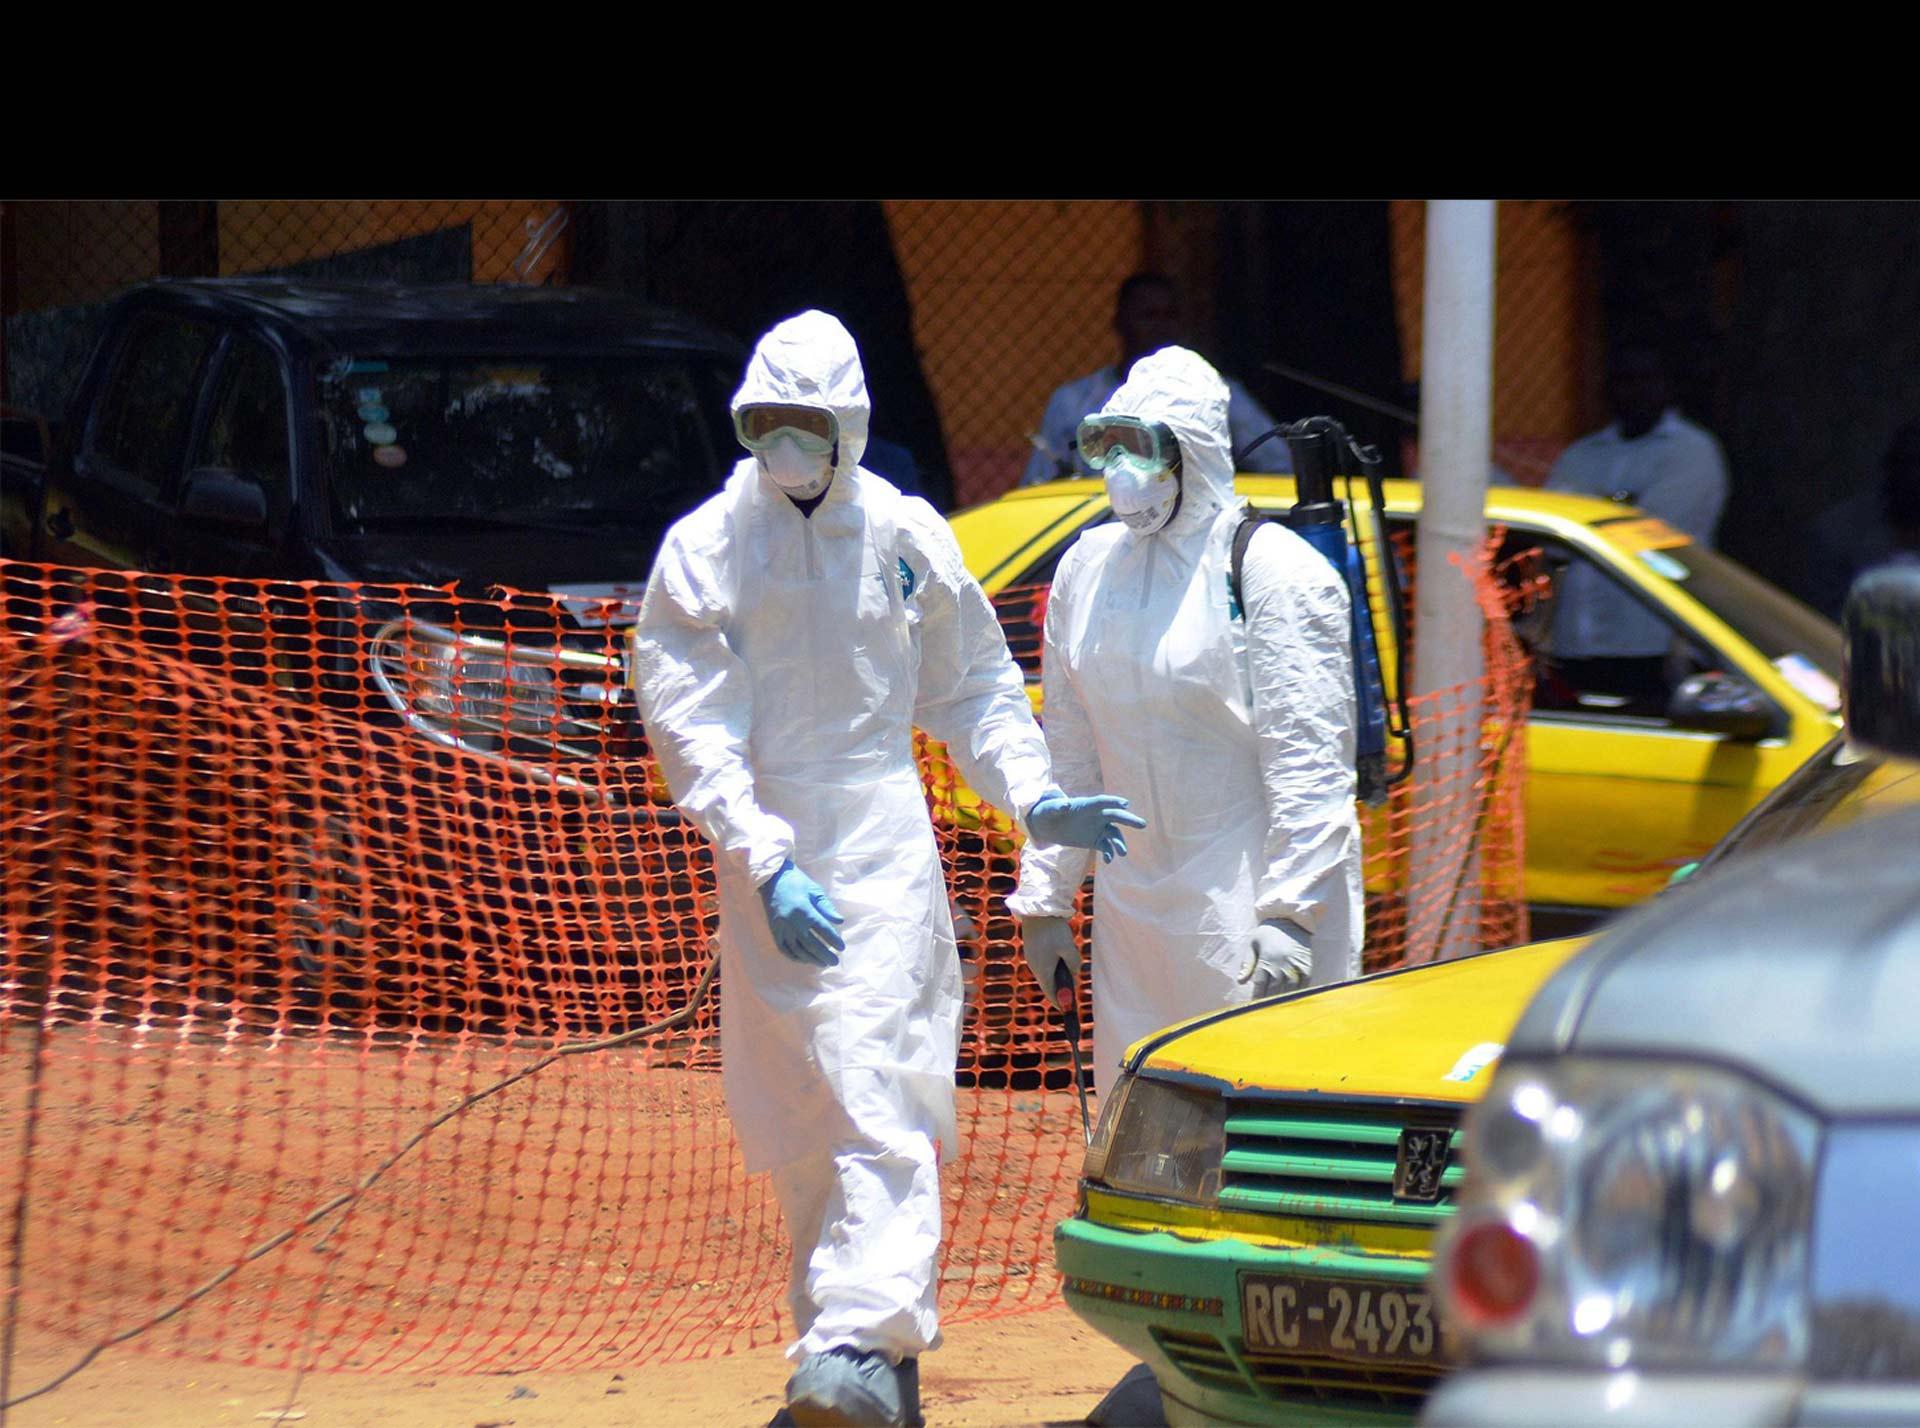 De no registrarse ningún nuevo contagio, el país será declarado libre de la enfermedad, según los estándares de la OMS